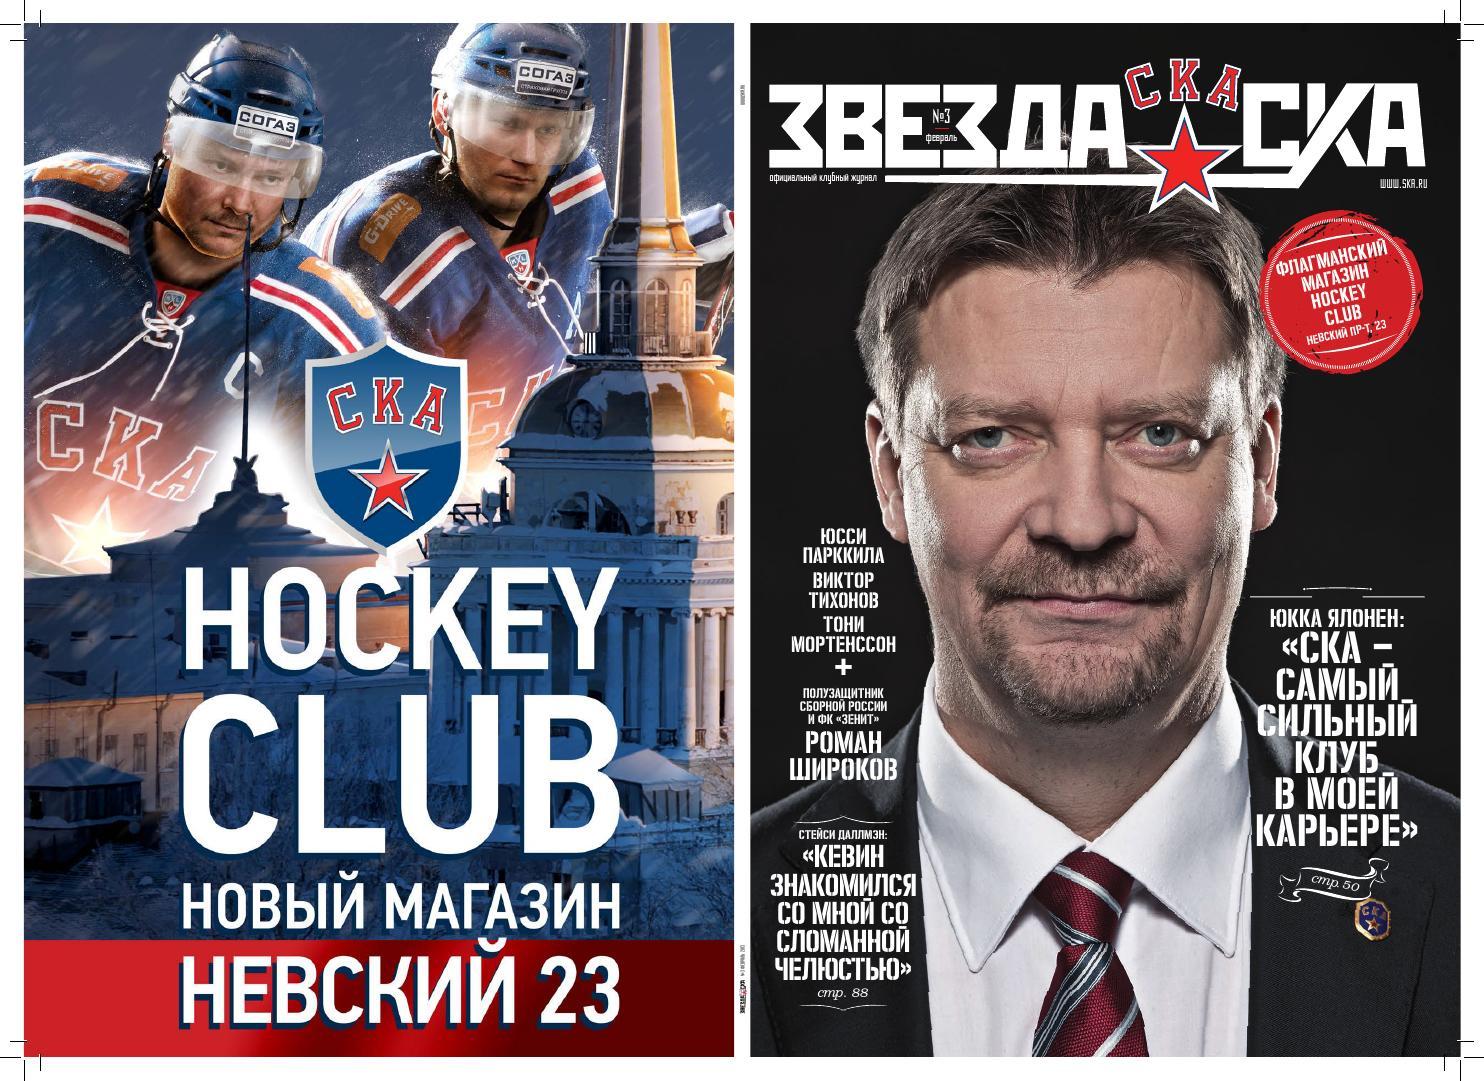 Нападающий сборной России Евгений Малкин: Крестить сына в Кубке Стэнли Хоккейное и семейное — разные вещи Хоккей. Персона